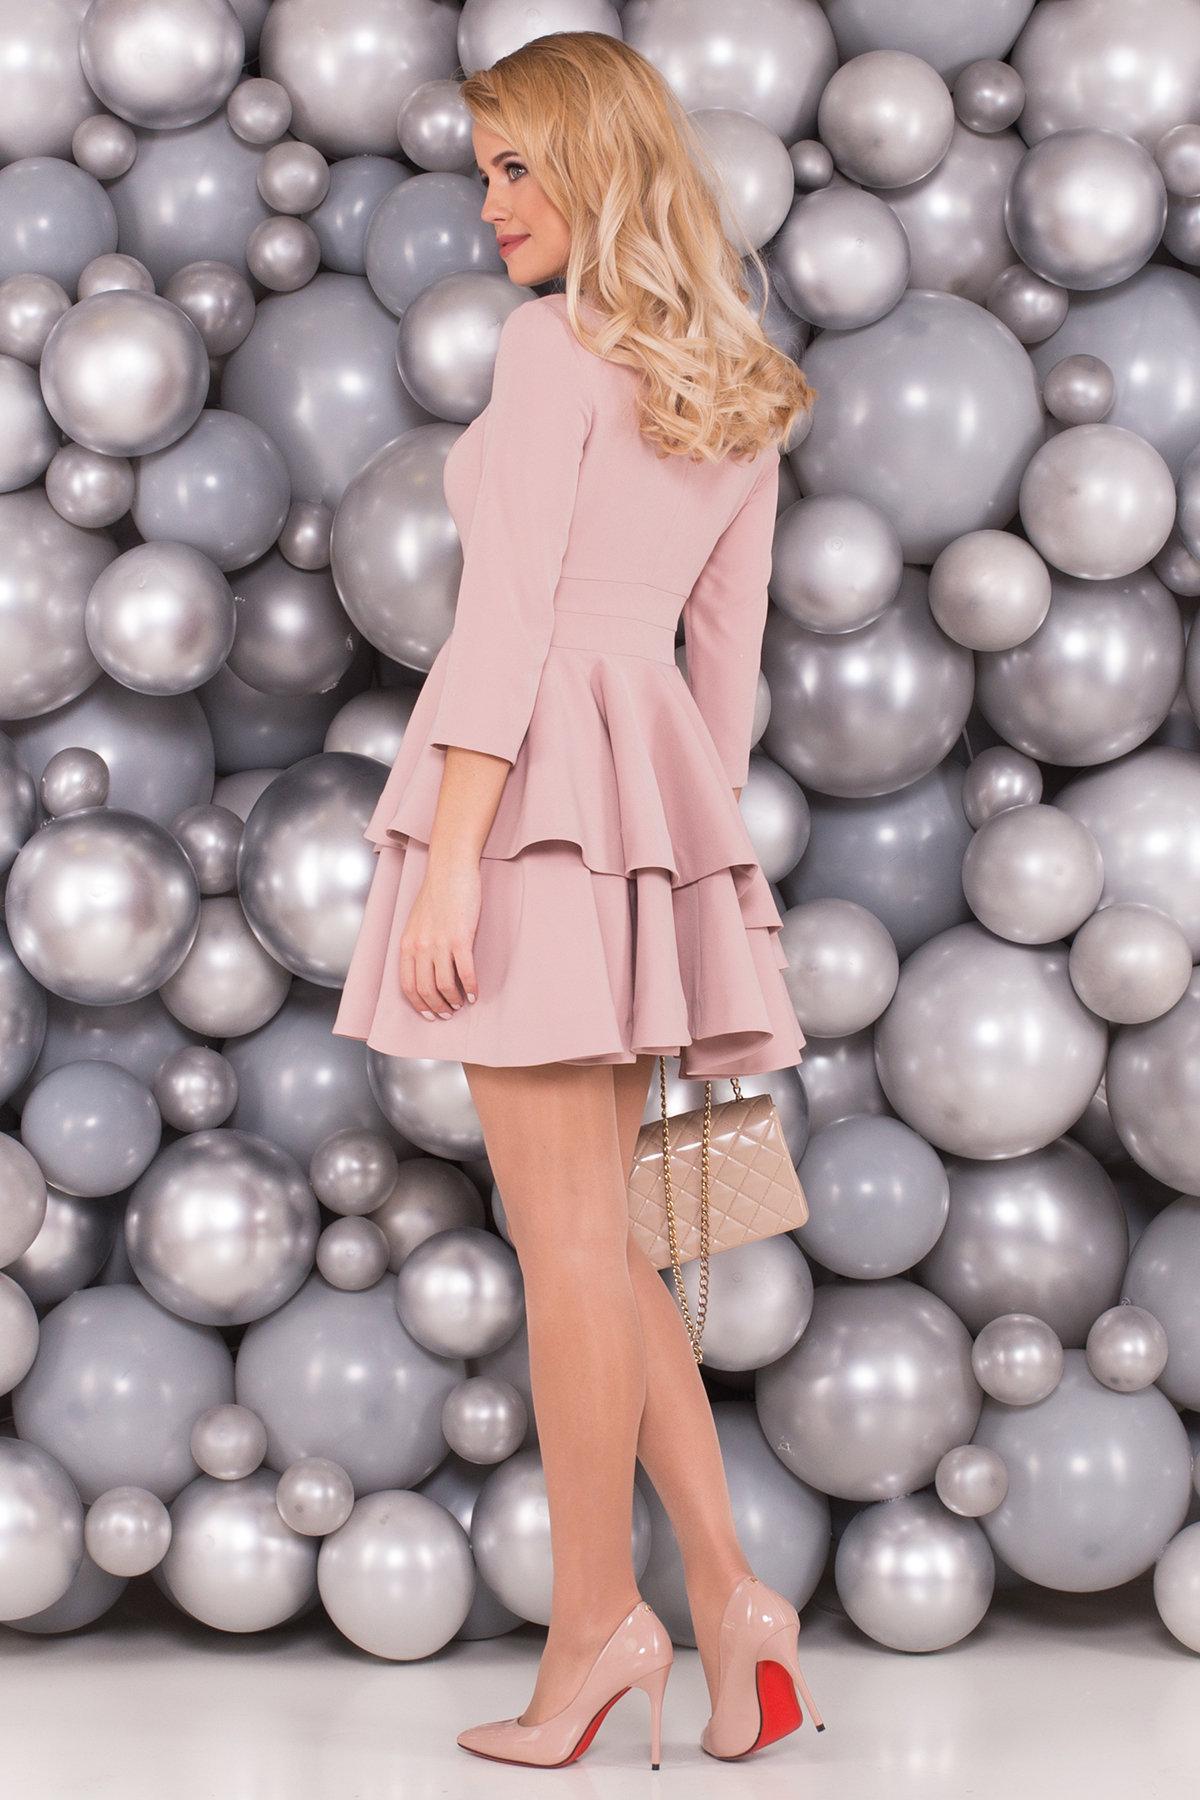 Платье Симур 5913 АРТ. 40635 Цвет: Пудра - фото 2, интернет магазин tm-modus.ru